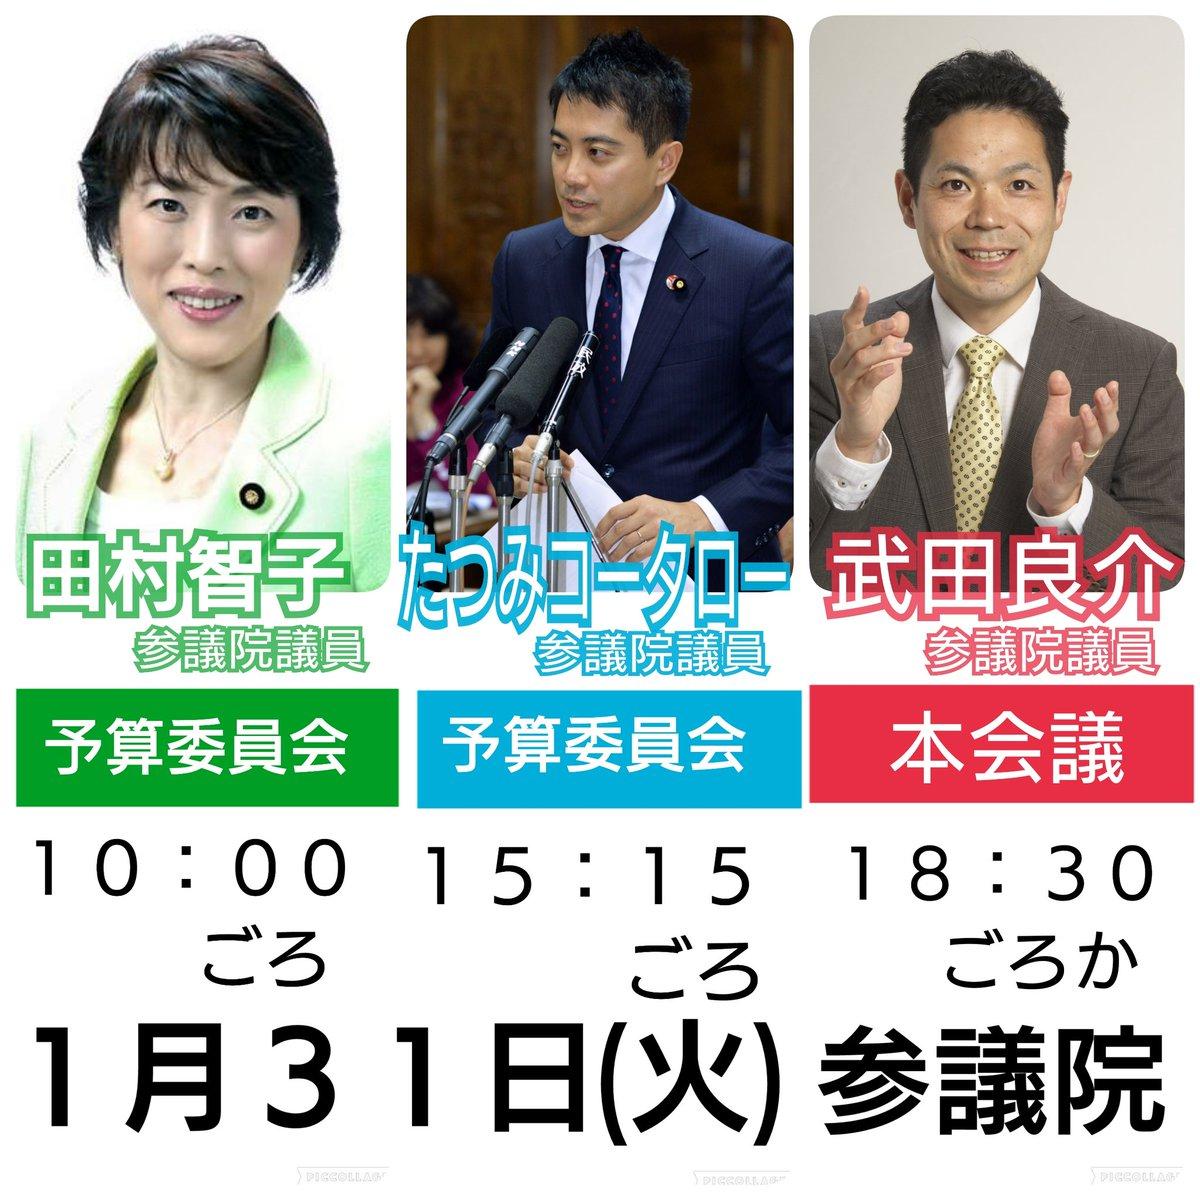 1月31日(火)、田村智子副委員長、たつみコータロー議員が参議院予算委員会で質問します!    武田…